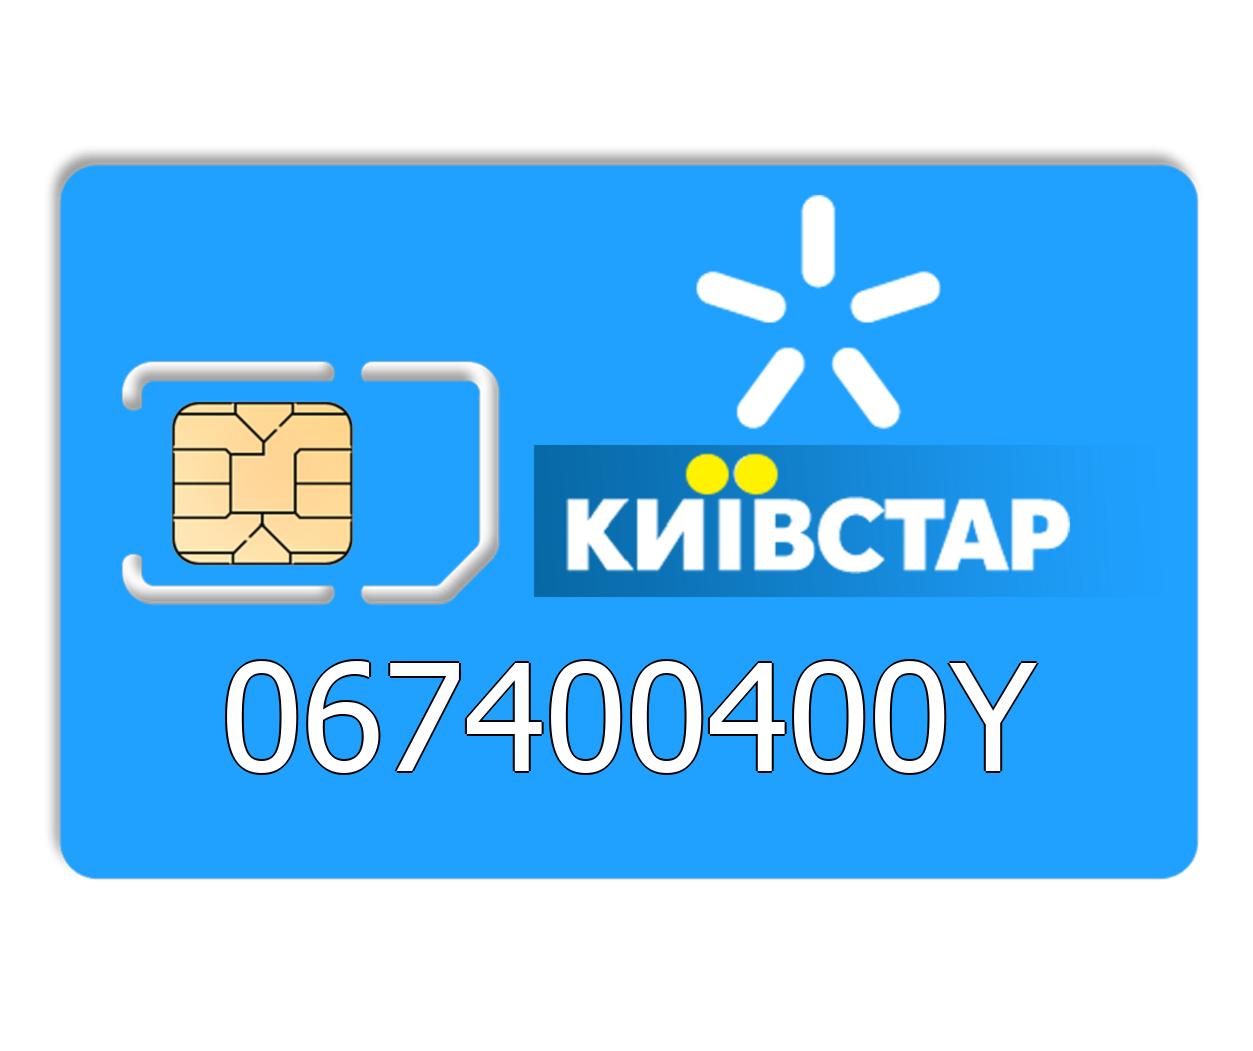 Красивый номер Киевстар 067400400Y